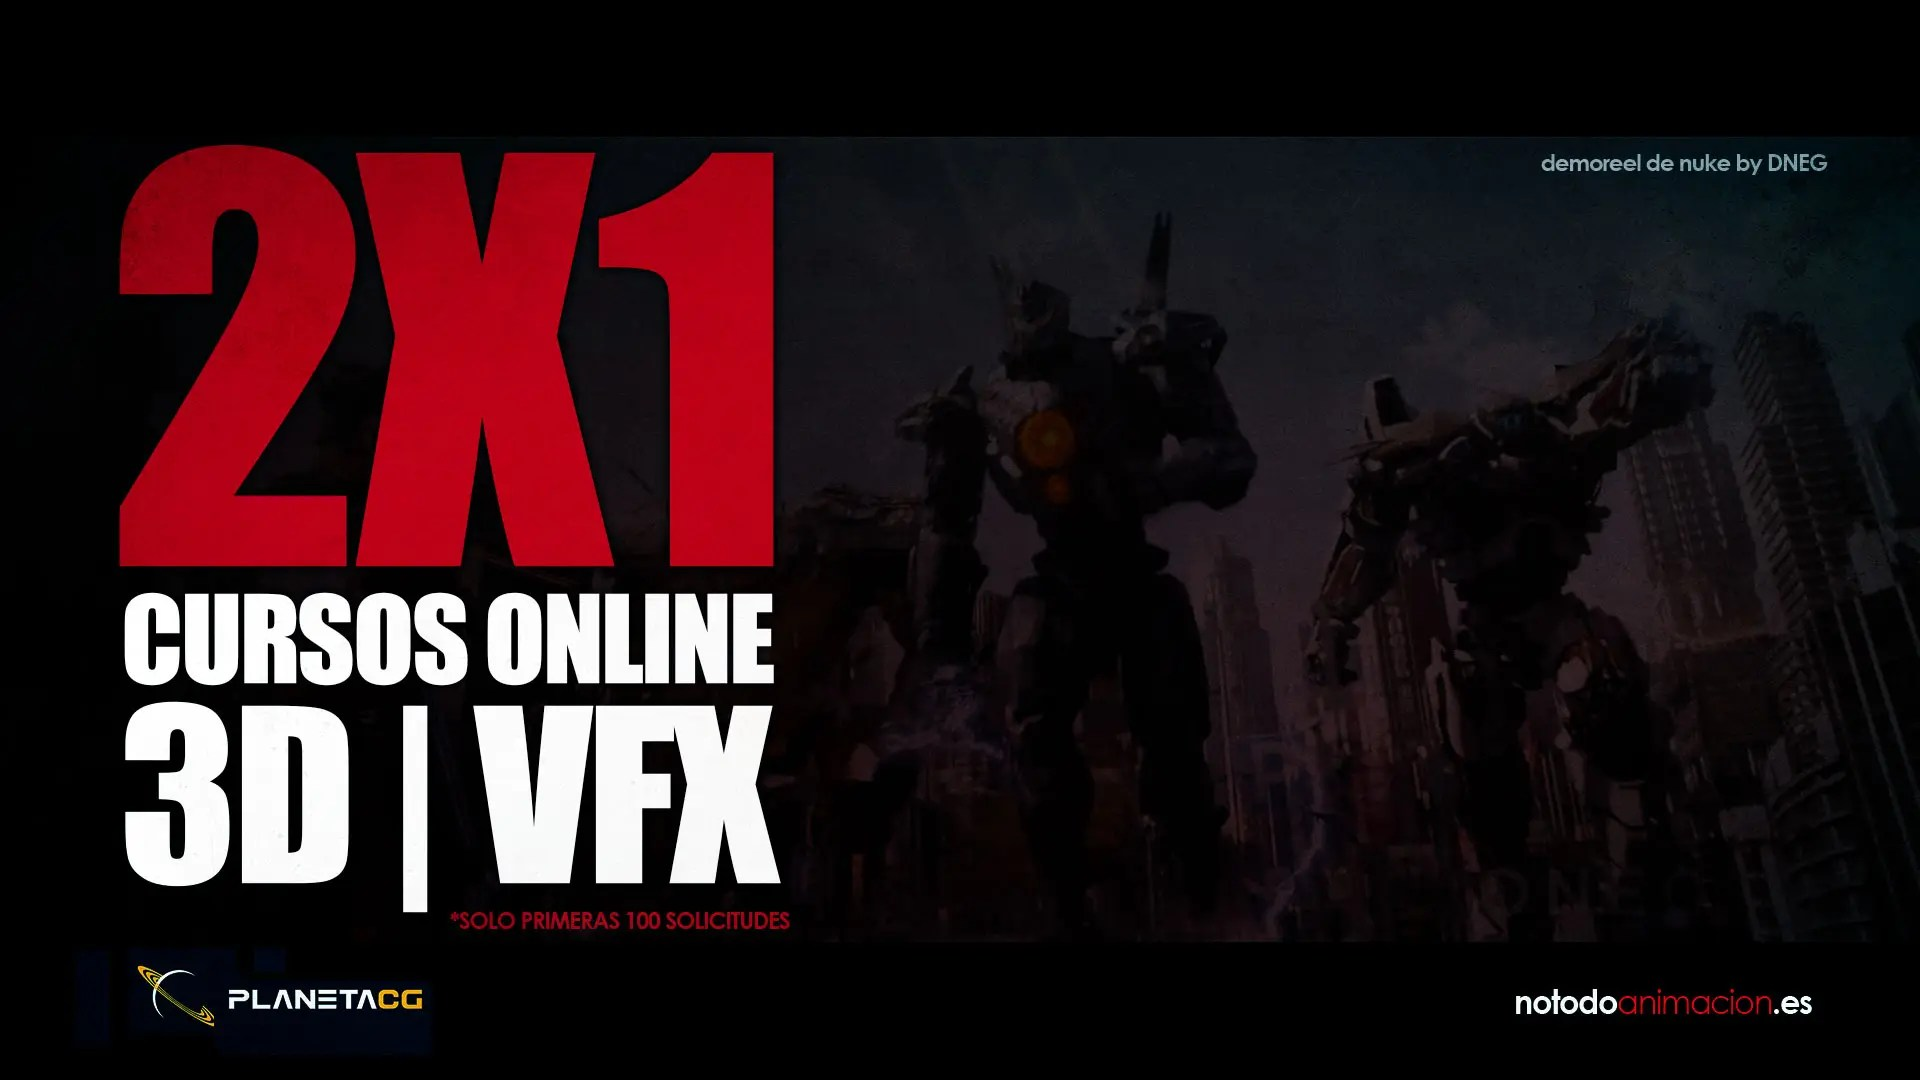 Cursos online de 3D, Animación, VFX, Houdini, Zbrush y Videojuegos | *AMPLIAMOS OFERTÓN 2X1